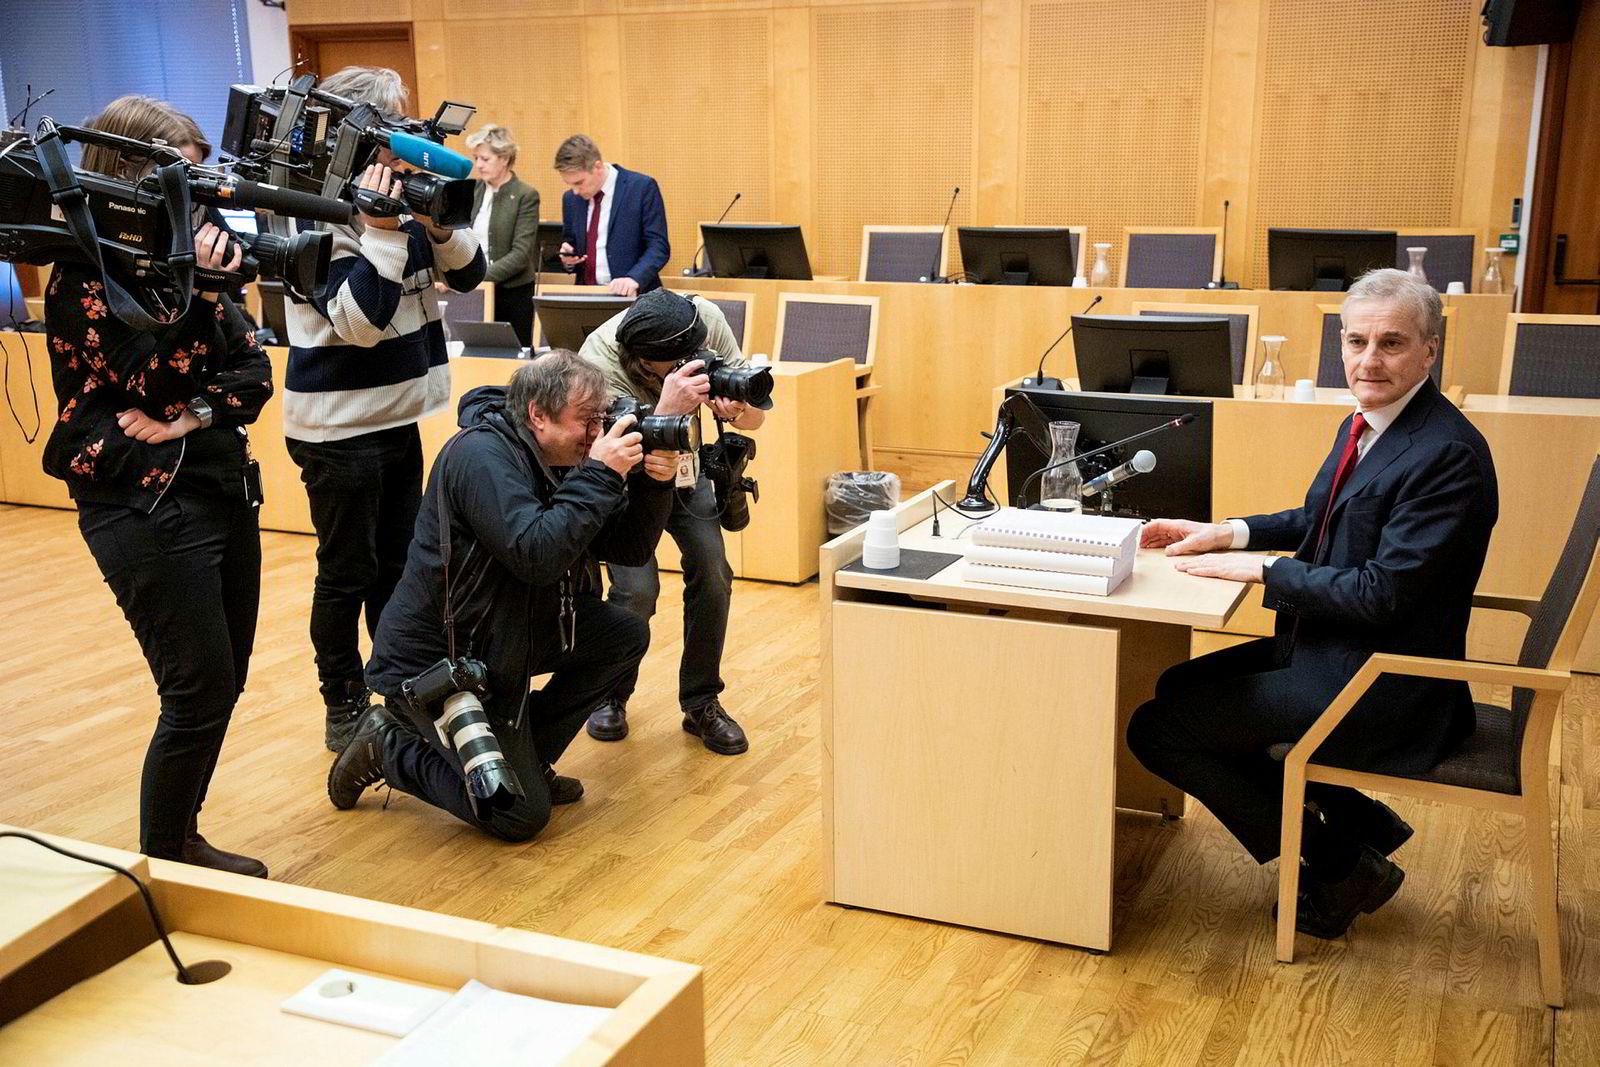 Det var stor interesse for tidligere utenriksminister Jonas Gahr Støres vitnemål.